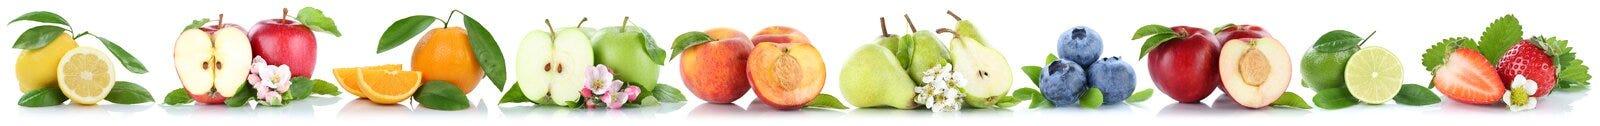 Trägt die orange Apfelorangen des Apfels Früchte in Folge, die auf Weiß lokalisiert werden Lizenzfreie Stockfotografie